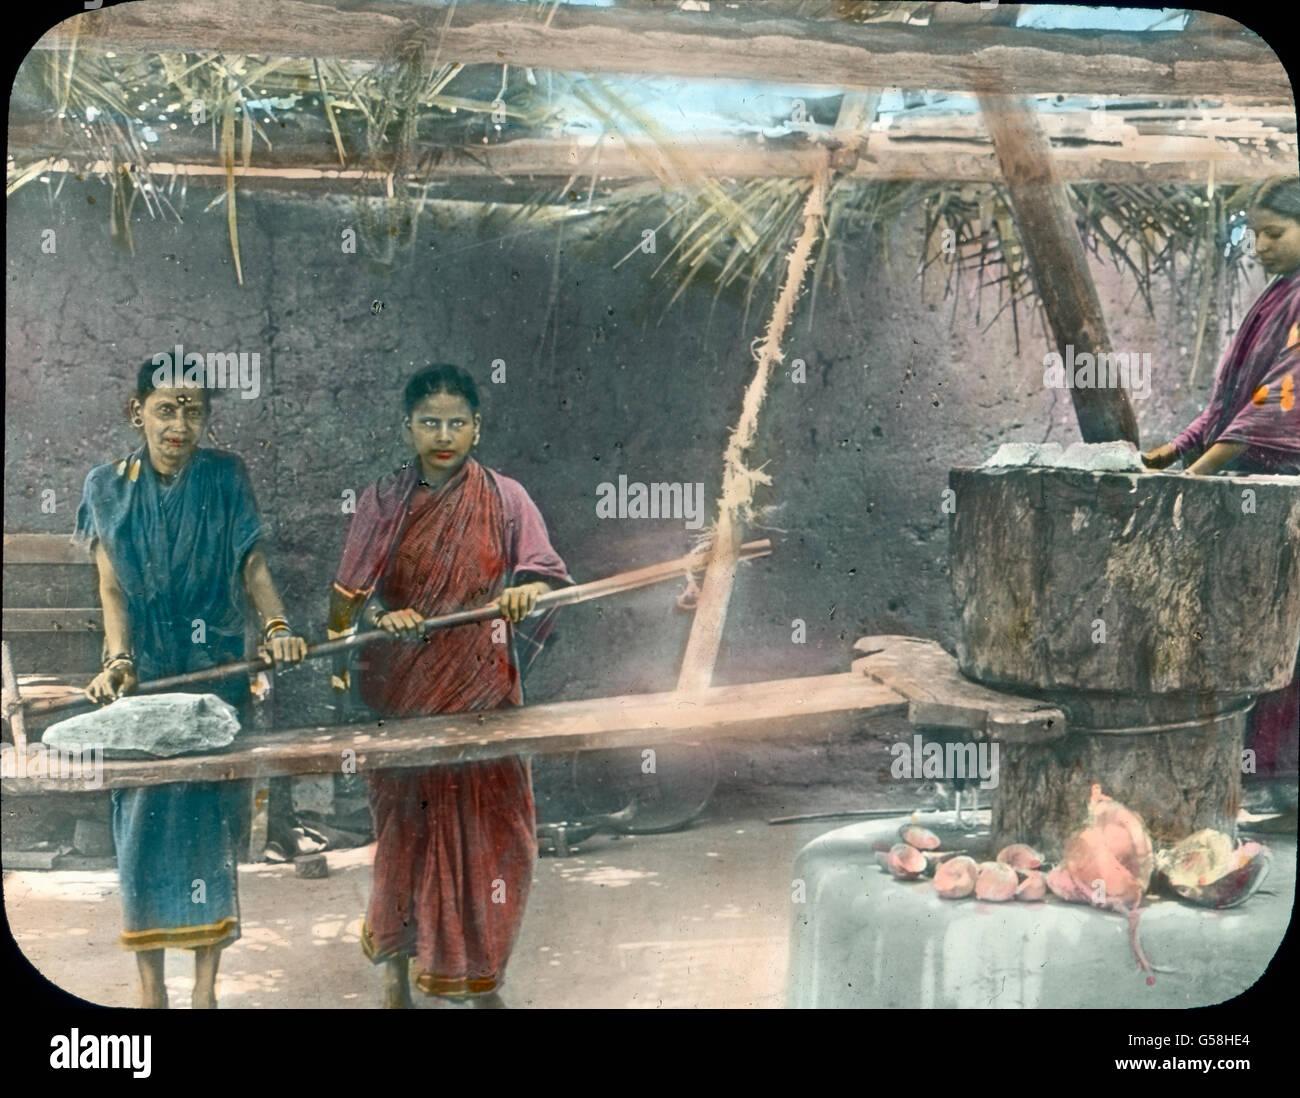 Hier werden Kokosnüsse von zwei Frauen zermahlen. India, Asia Travel, mill, indiano, donne rurali, nativo, Immagini Stock